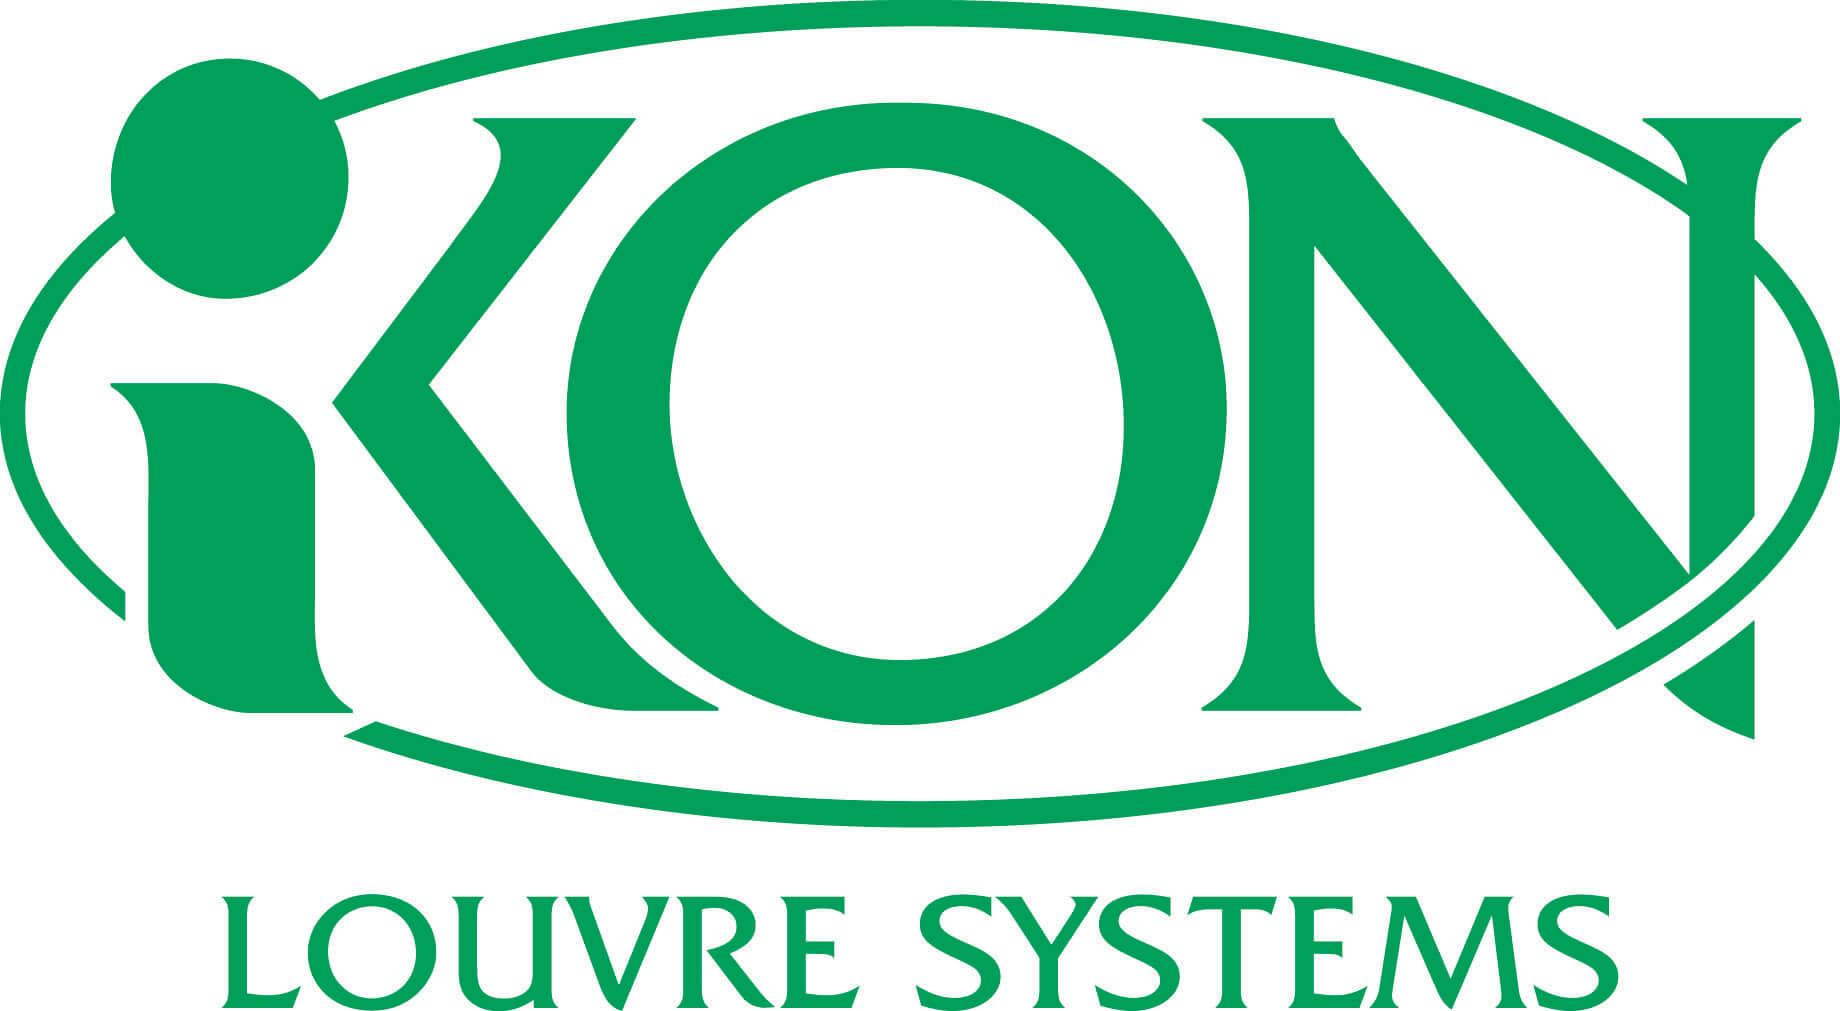 IKON_Louvre_GREEN_Logo_Original_CMYK_MASTER.jpg